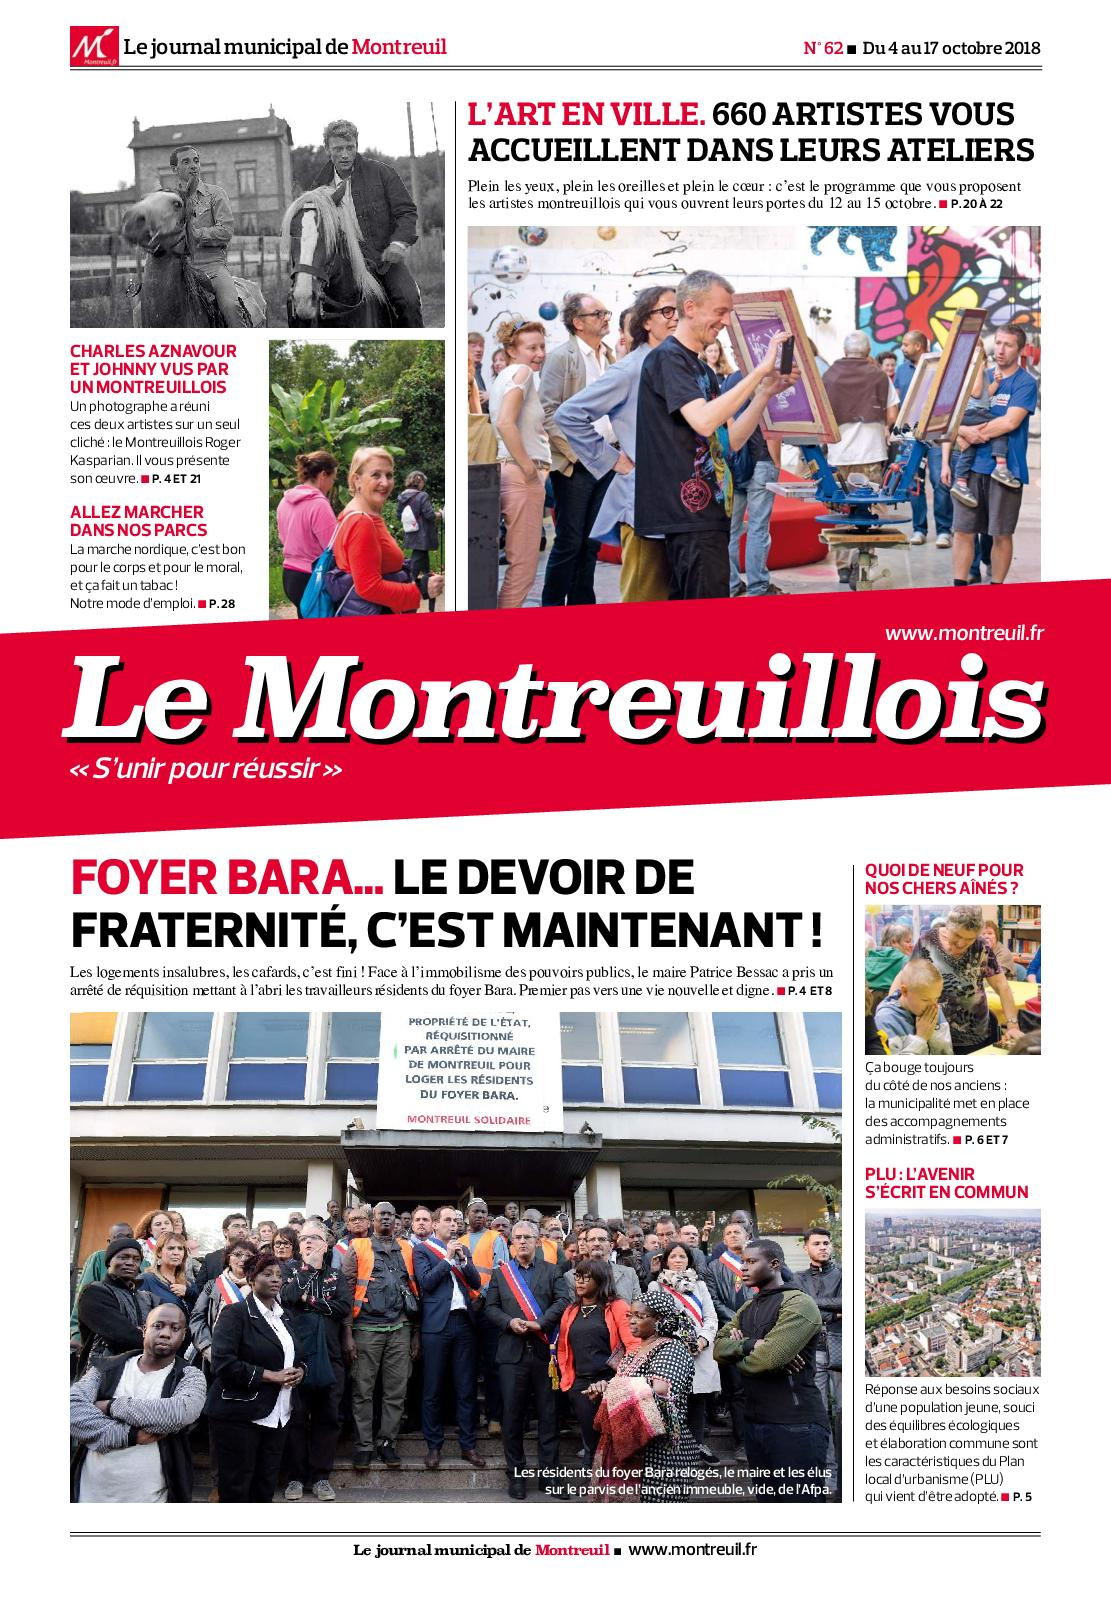 Calaméo - Le Montreuillois du 4 au 17 octobre 2018 12dfbb69f9da